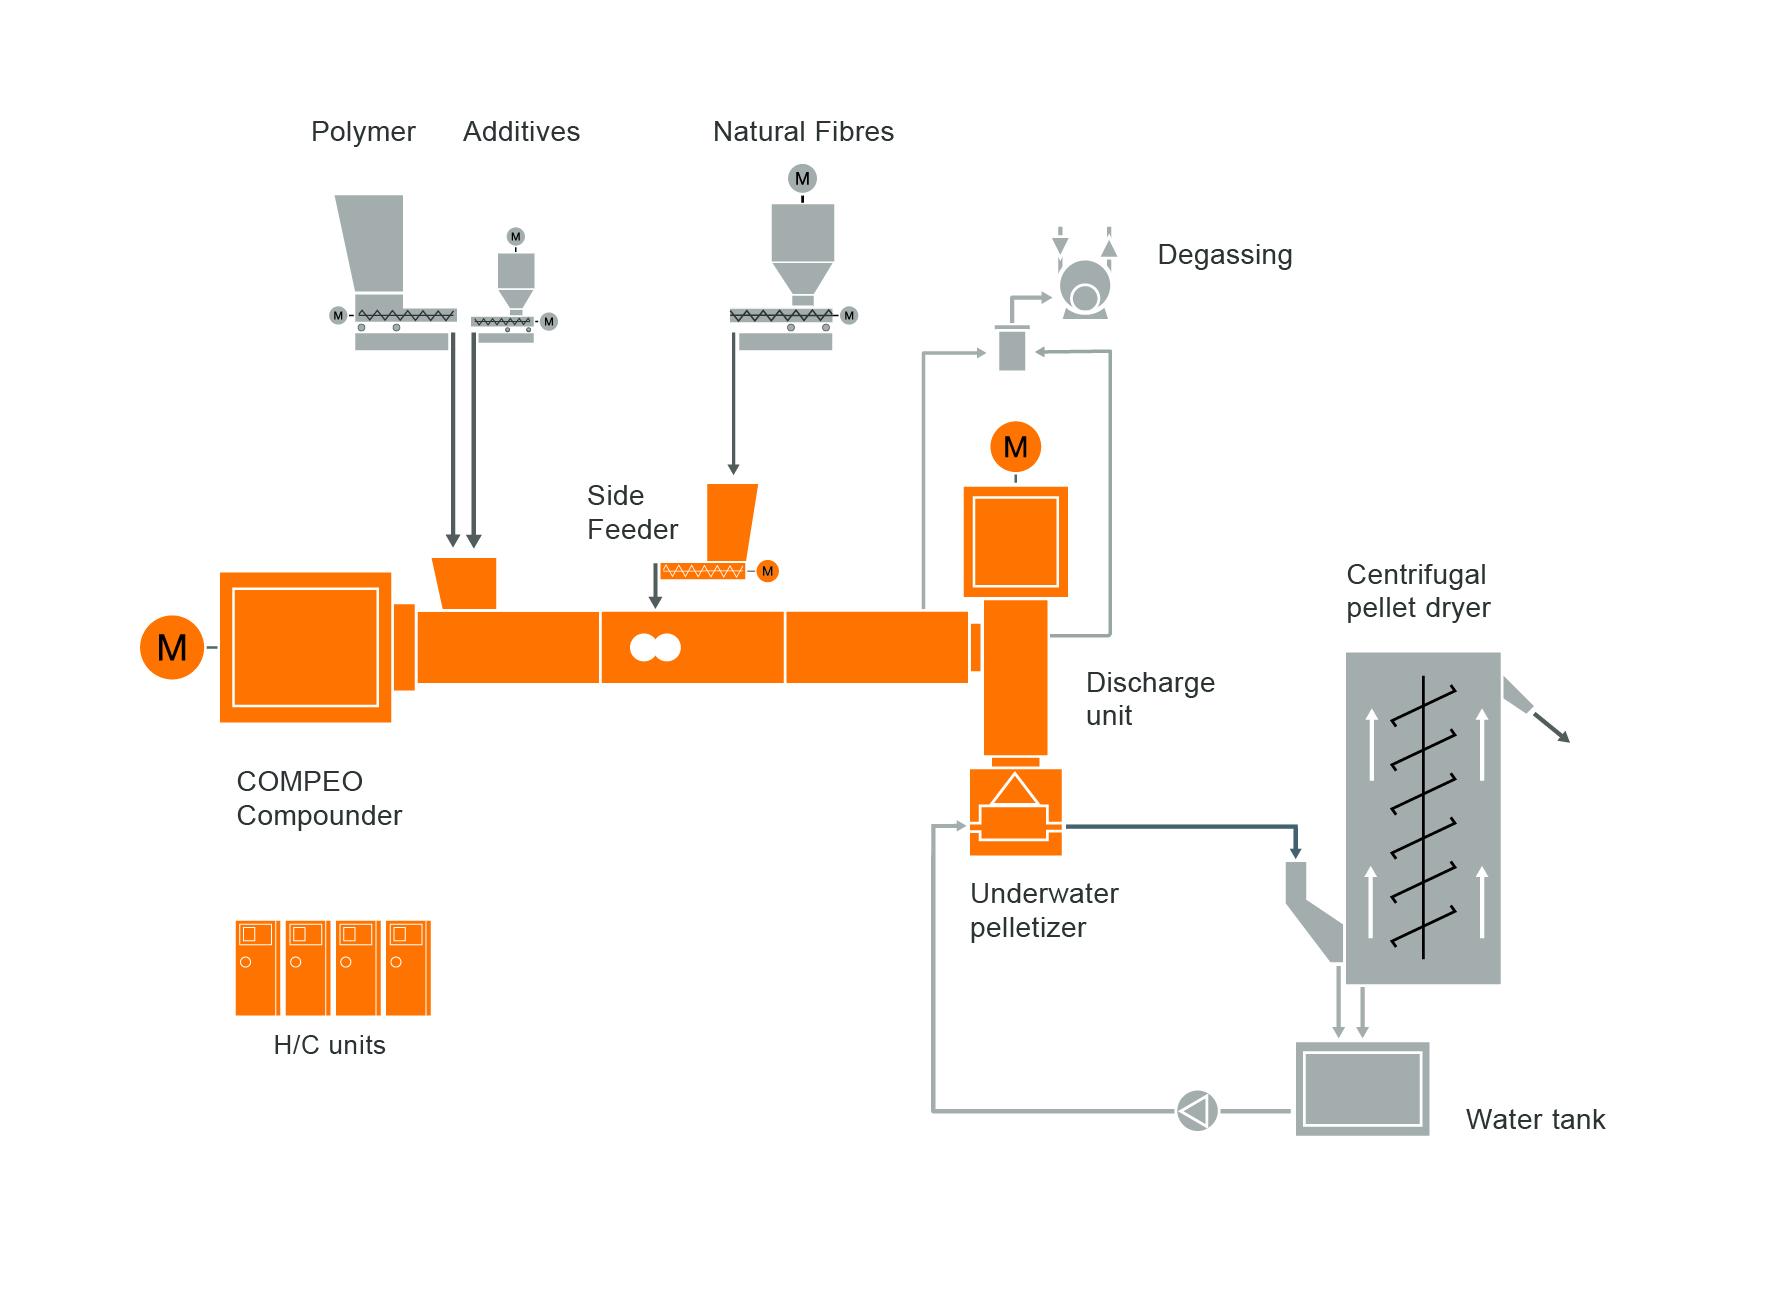 Типовая схема расположения оборудования для компаундирования композитов из натуральных волокон